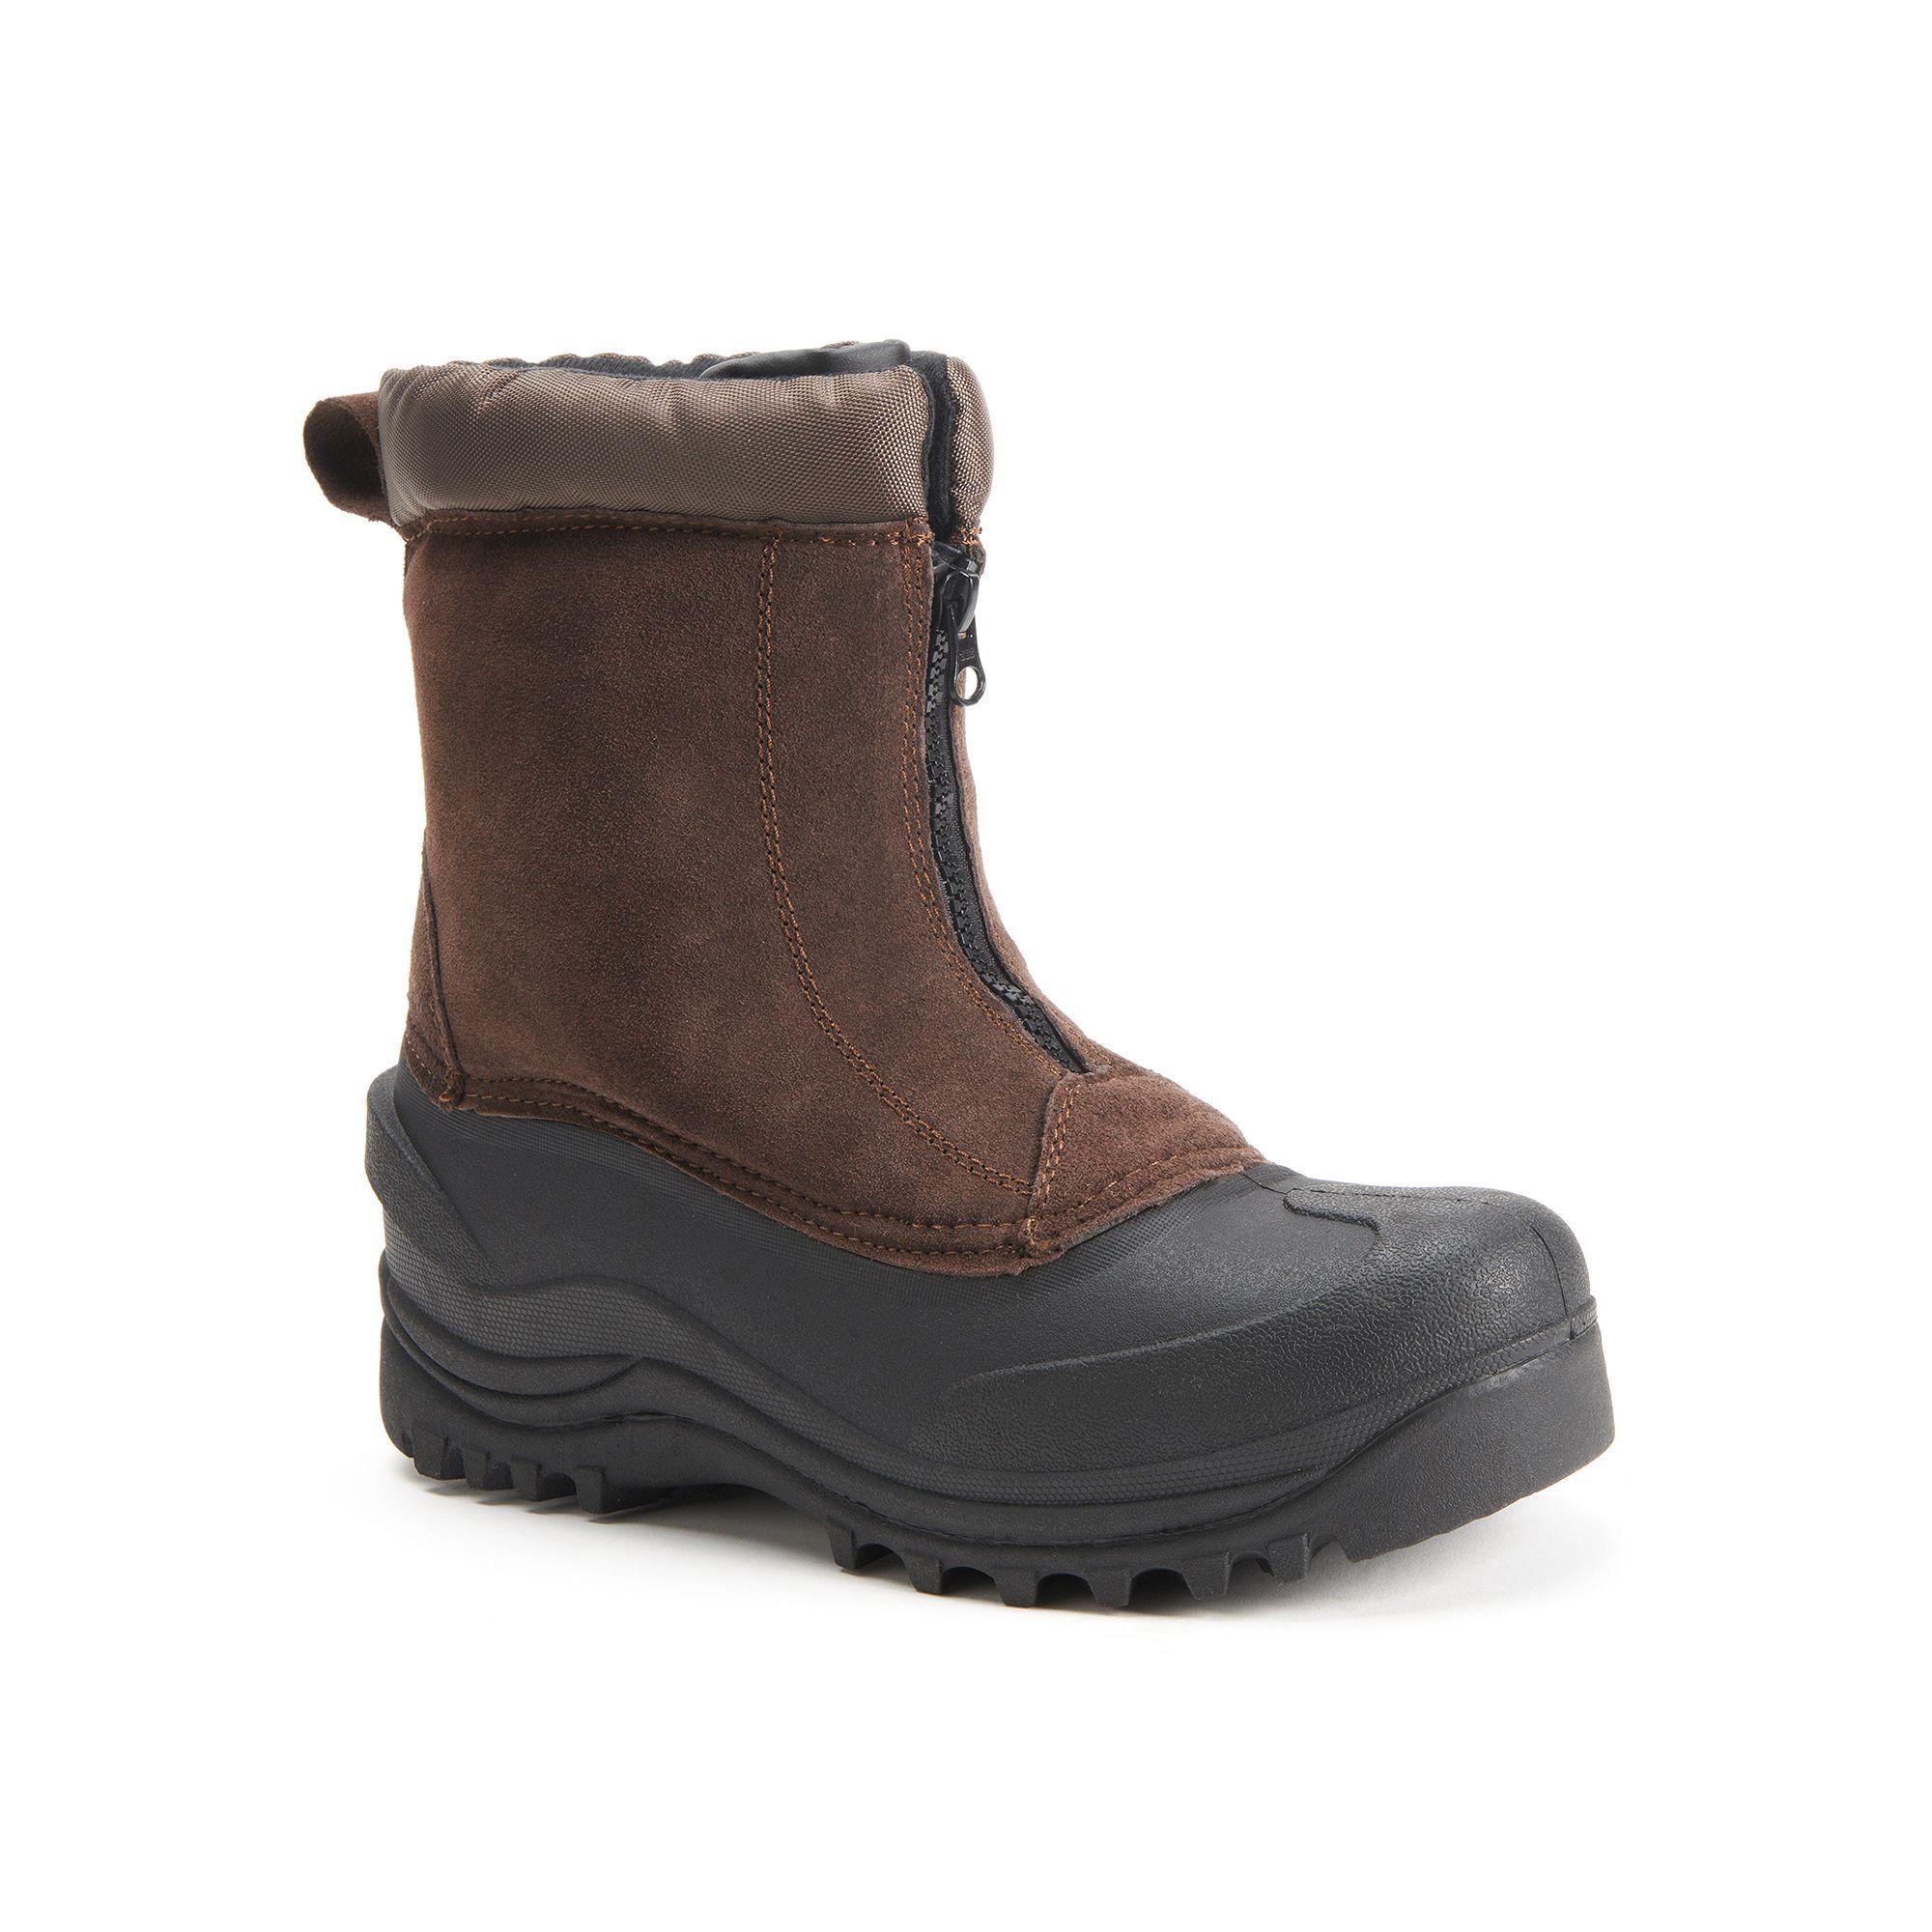 Itasca Brunswick Men's Waterproof